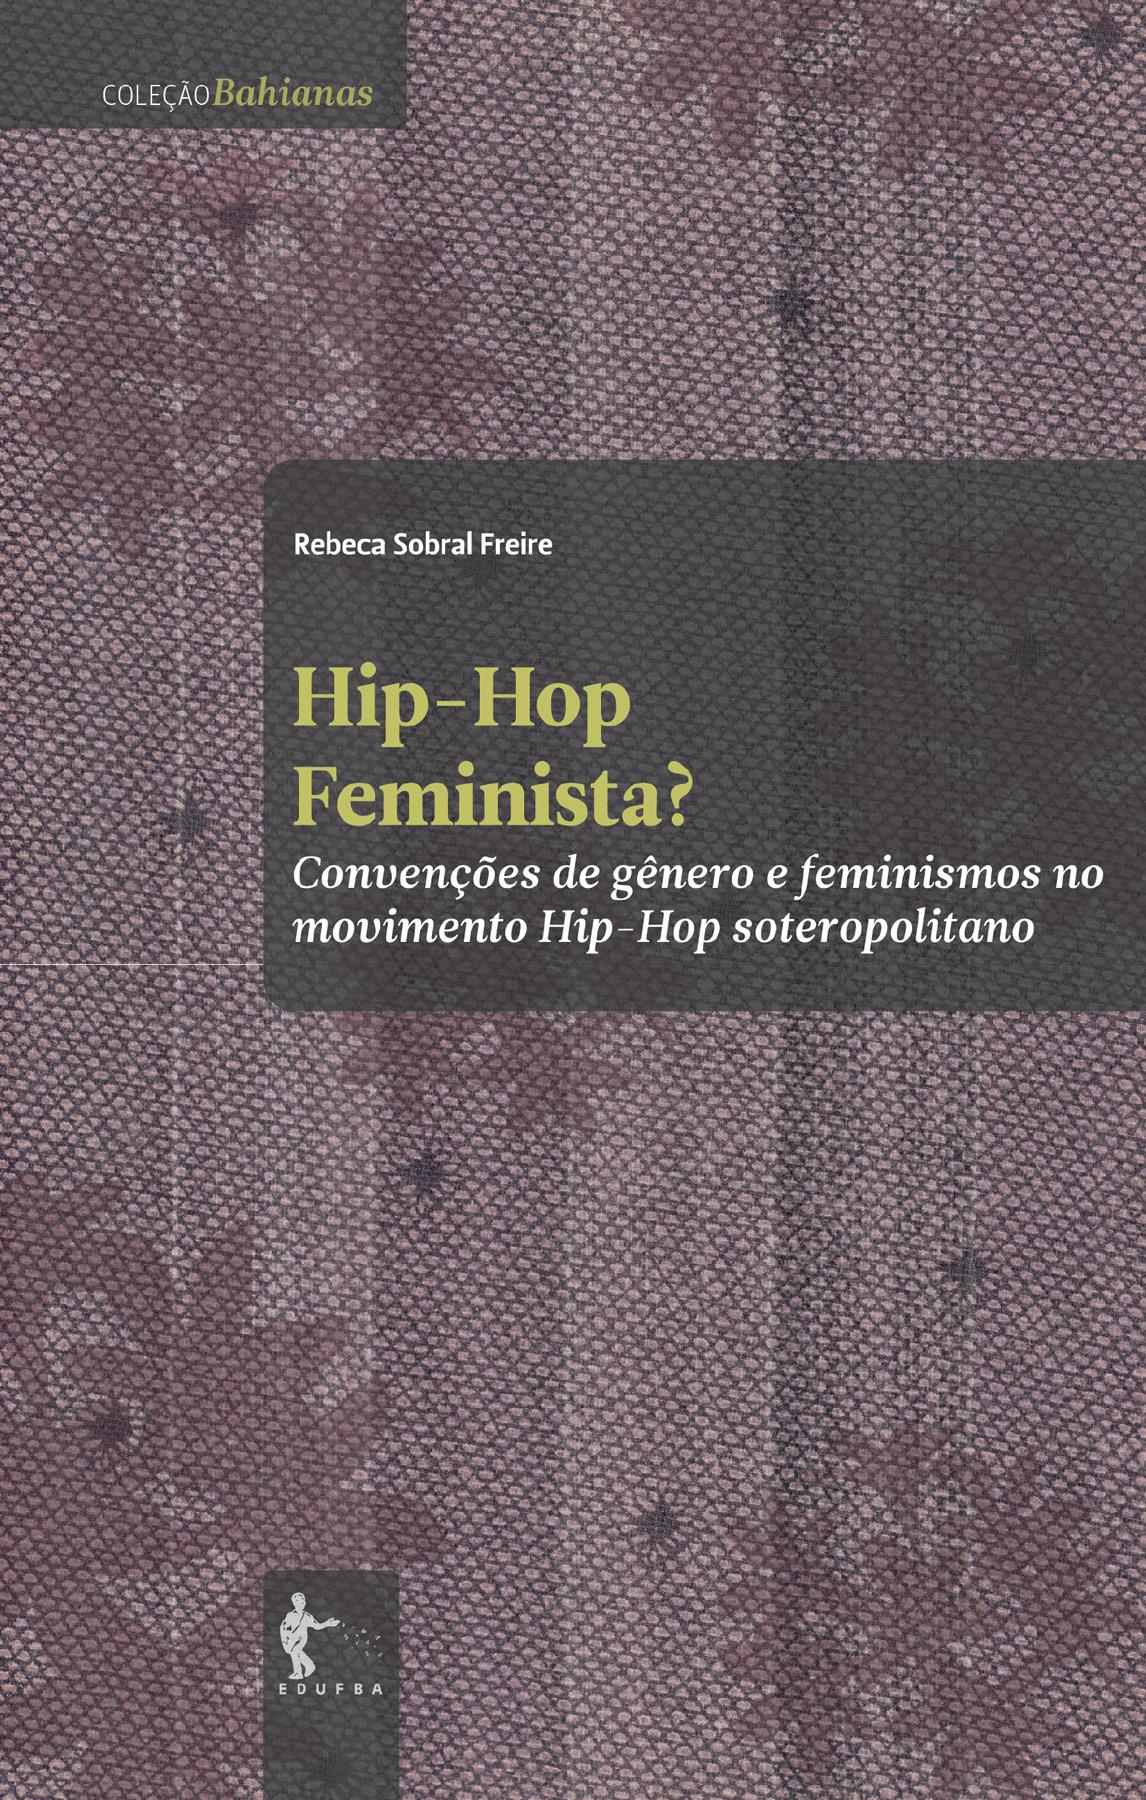 Hip-Hop feminista? convenções de gênero e feminismo no movimento hip-hop soteropolitano, livro de Rebeca Sobral Feire